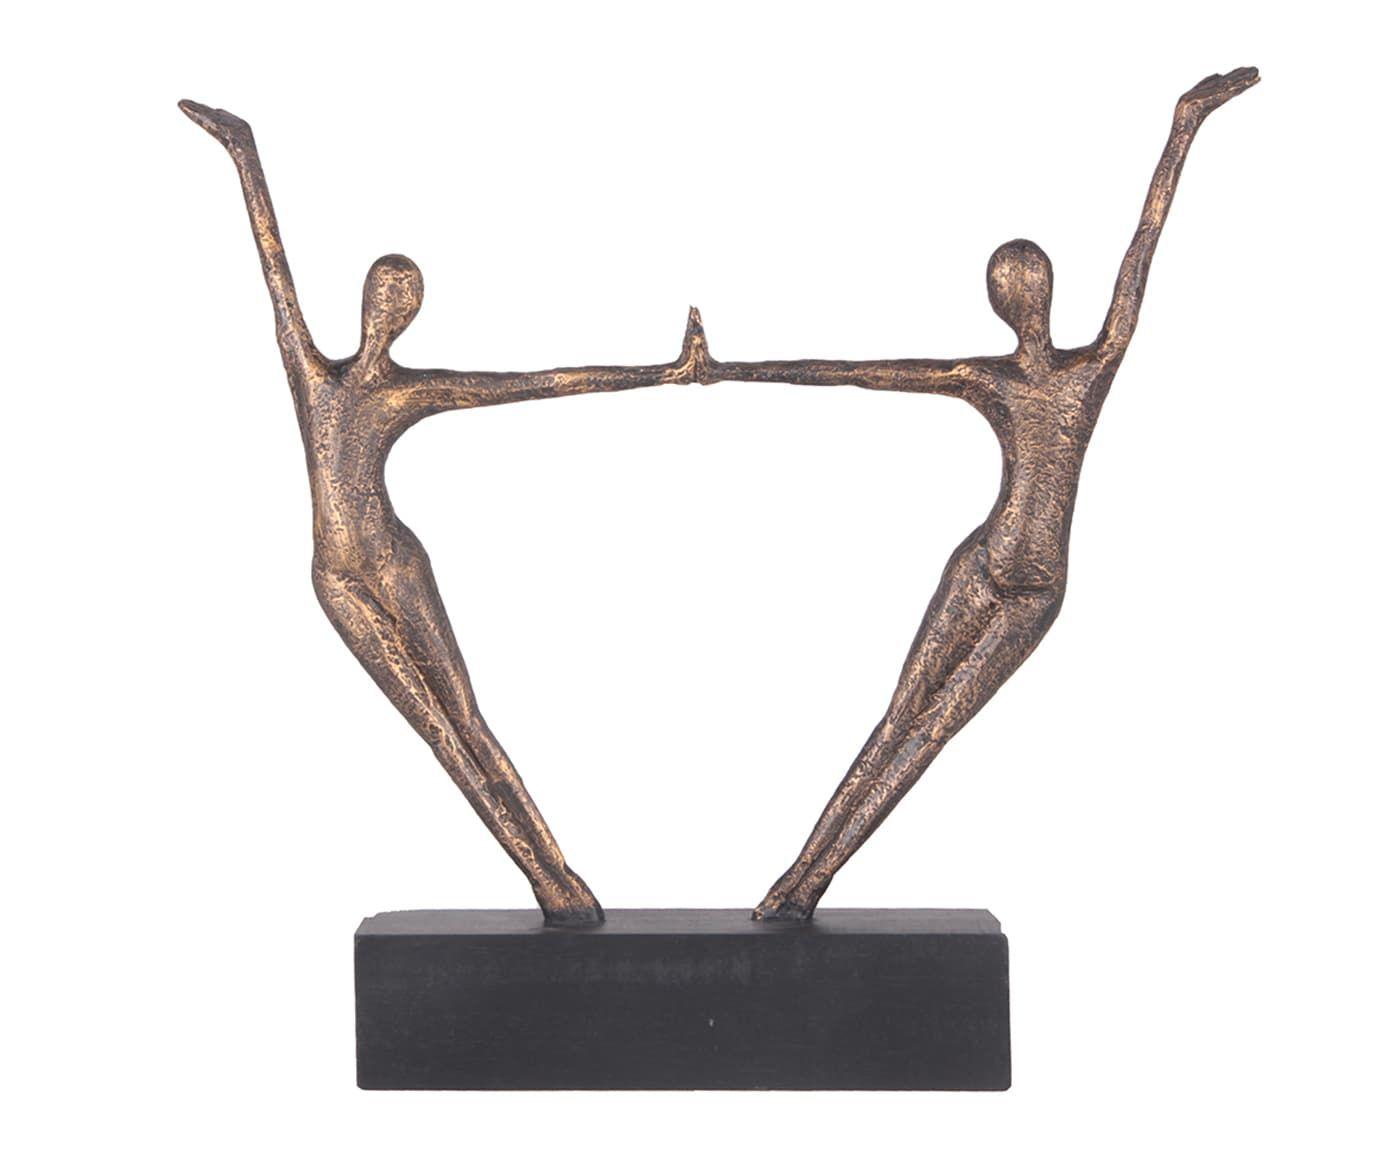 Adorno Dancing Dourado - 51X55cm | Westwing.com.br